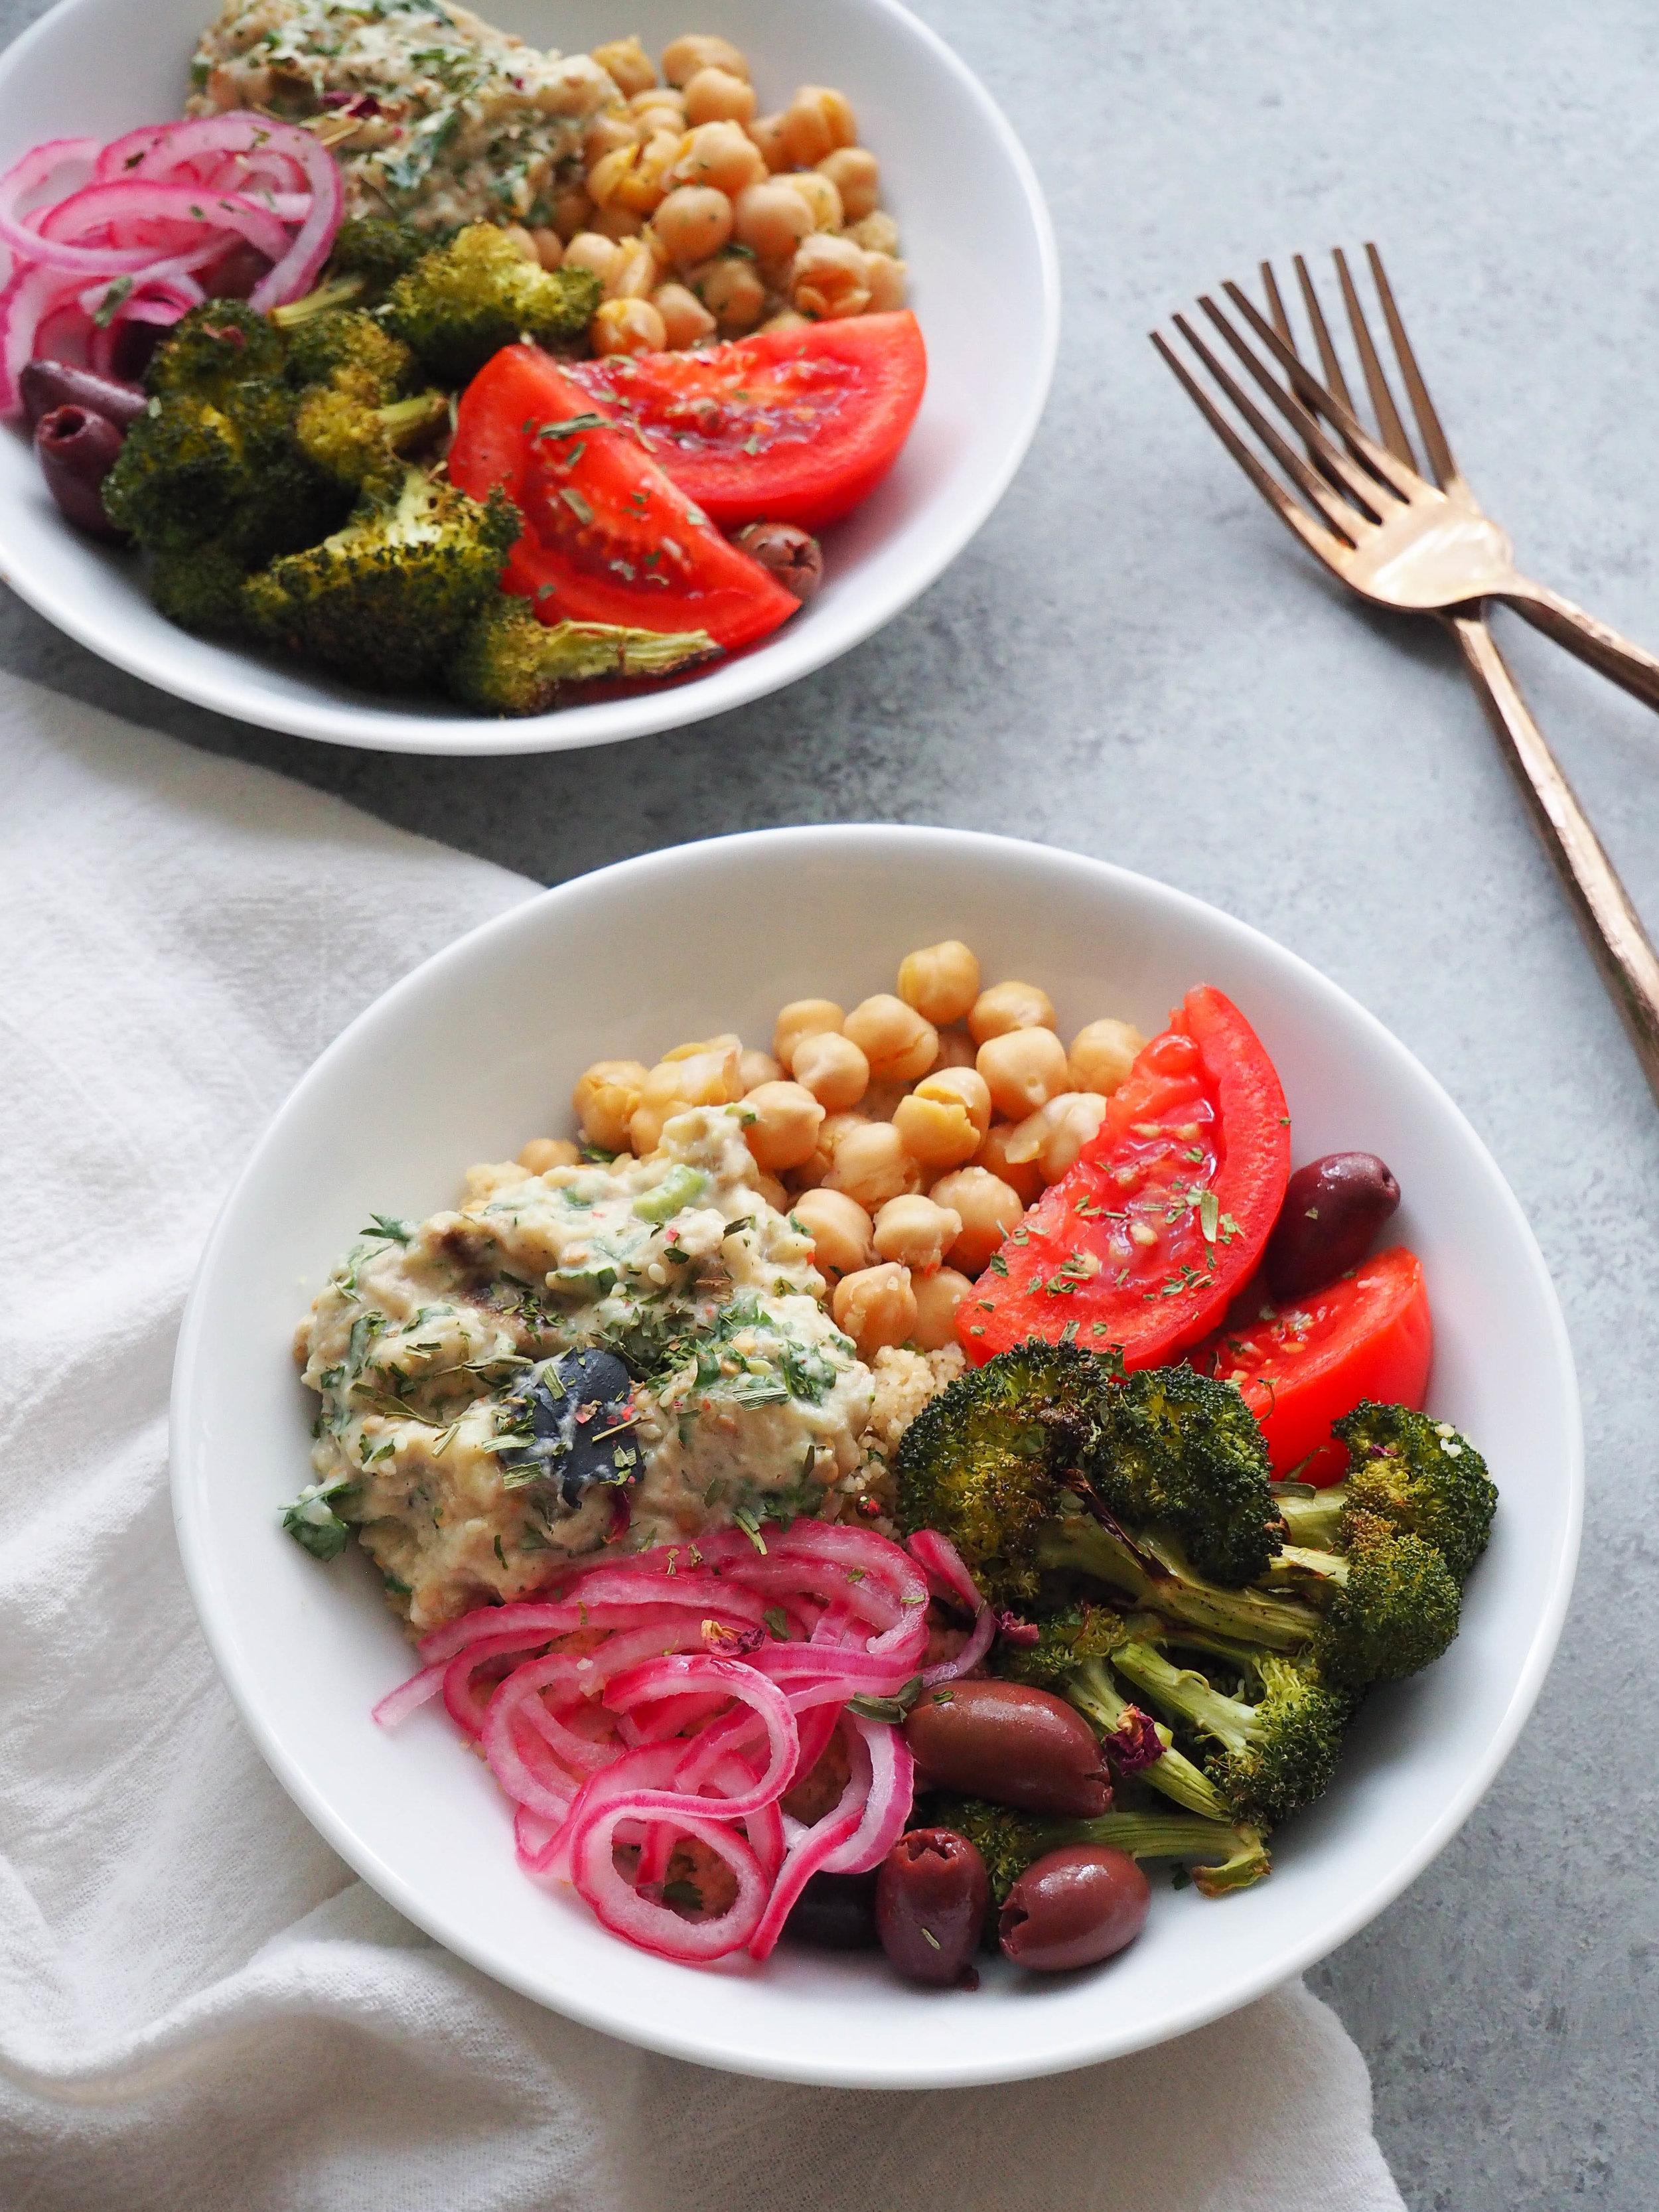 做 了 一个 超级 可爱 的 油炸 玉米饼 , 把 鹰嘴豆 泥 、 洋葱 、 炸 洋葱 和 一些 红 洋葱 吃掉 了 , 把 它们 变成 了 一个 大 的 鹰嘴豆 泥 ! # 地中海 # veg an veg an veg an : 素食 食谱